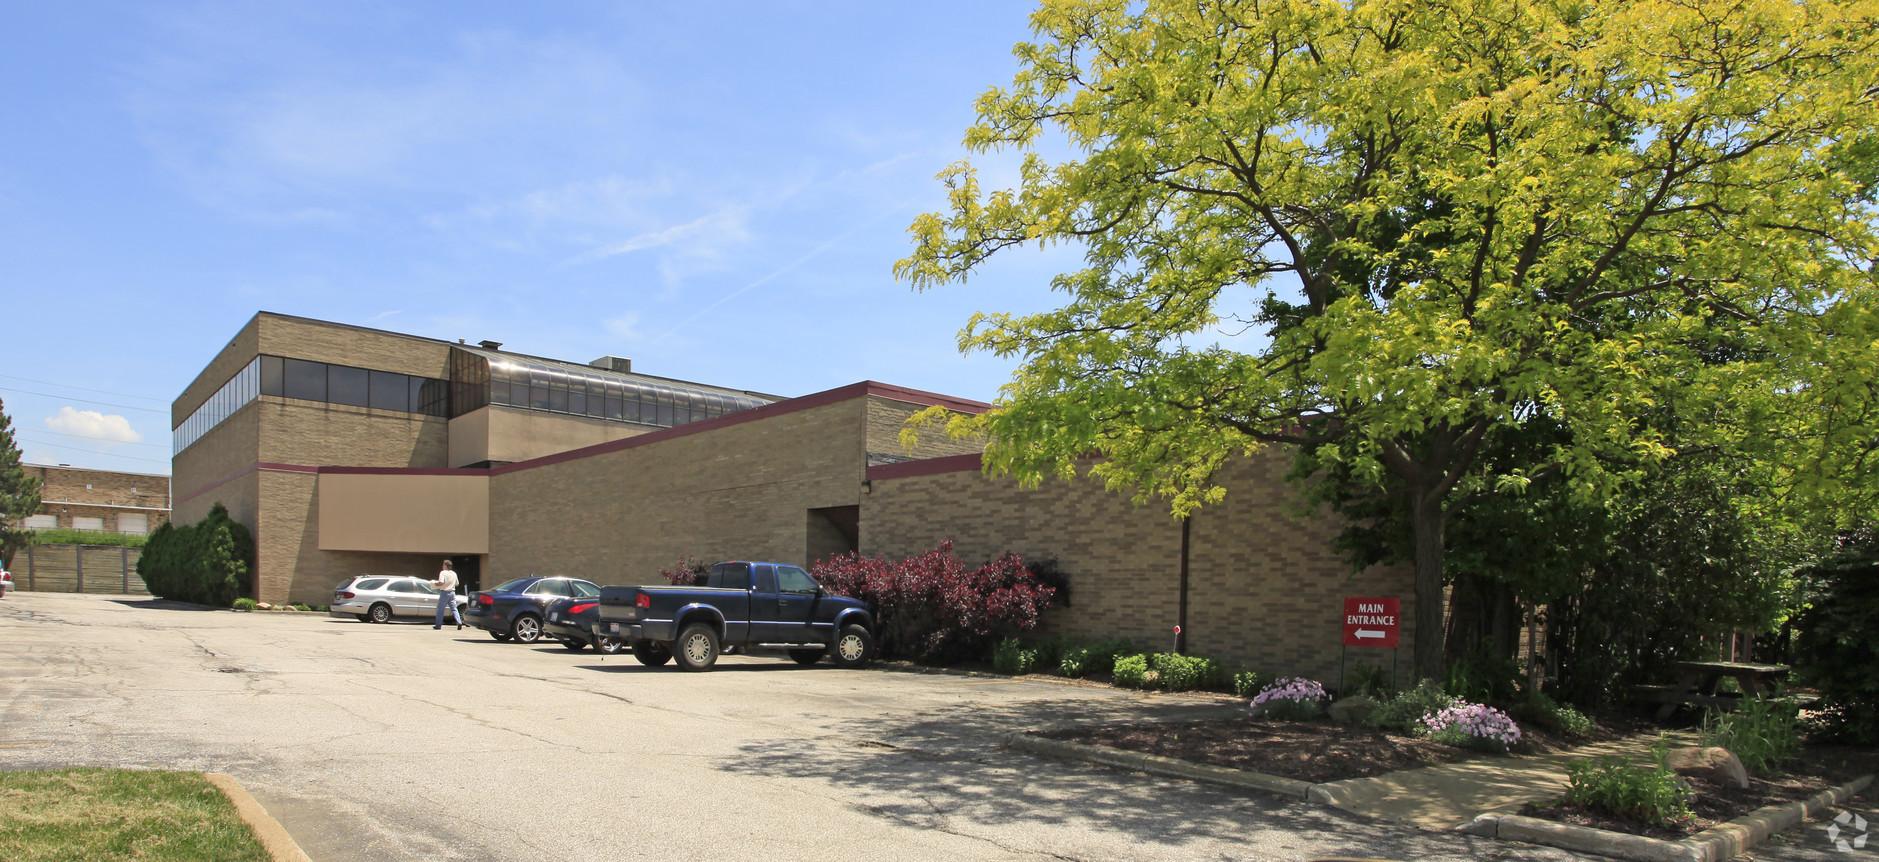 Auxano Studios, Cleveland